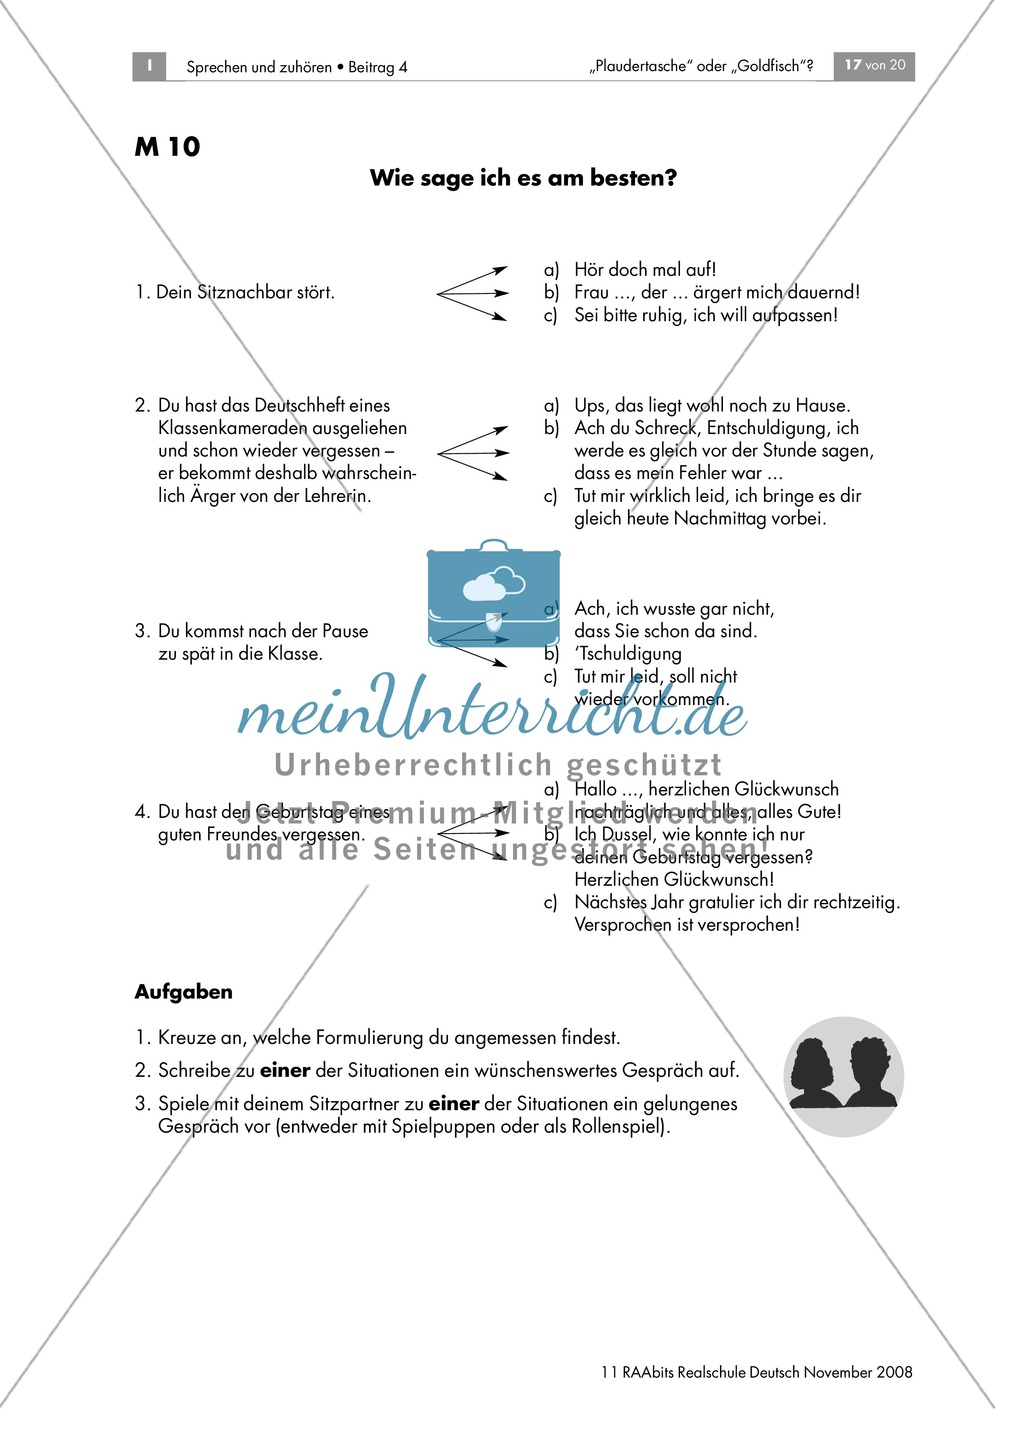 Angemessene Ausdrucksweisen finden - Wünschenswertes Gesprächsverhalten reflektieren und einüben Preview 3